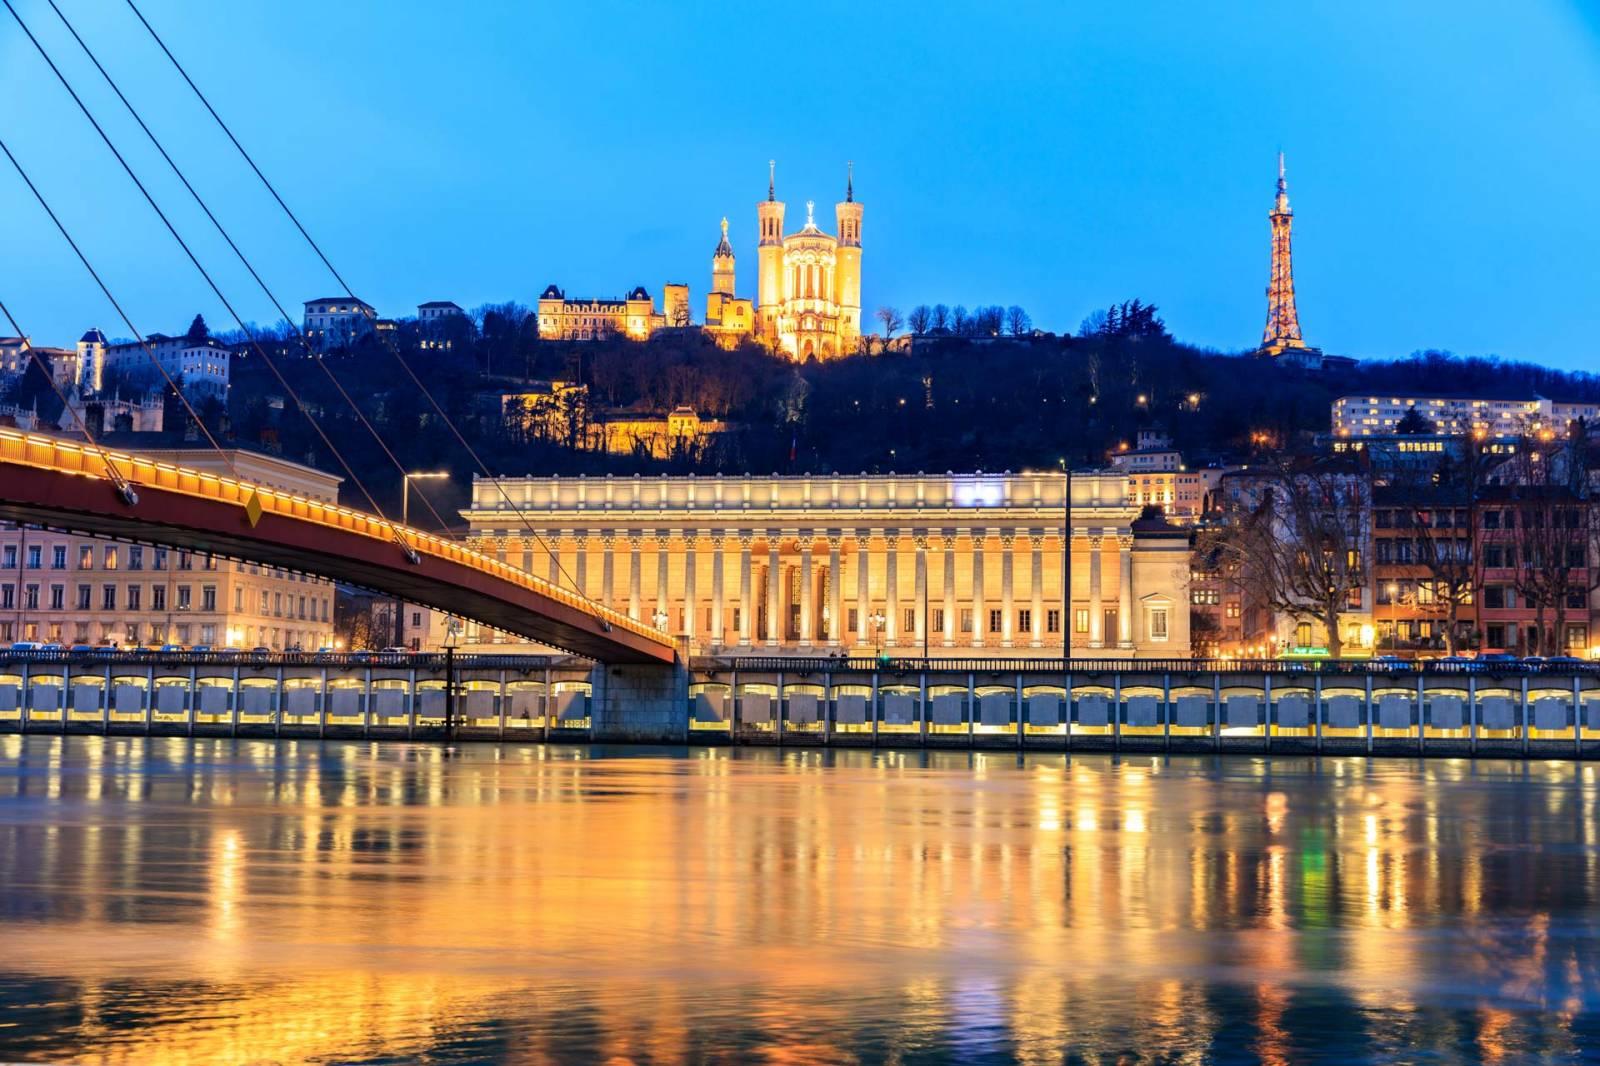 comment rencontrer des amis à Lyon | rencontre amicale | amitié | meetinggame